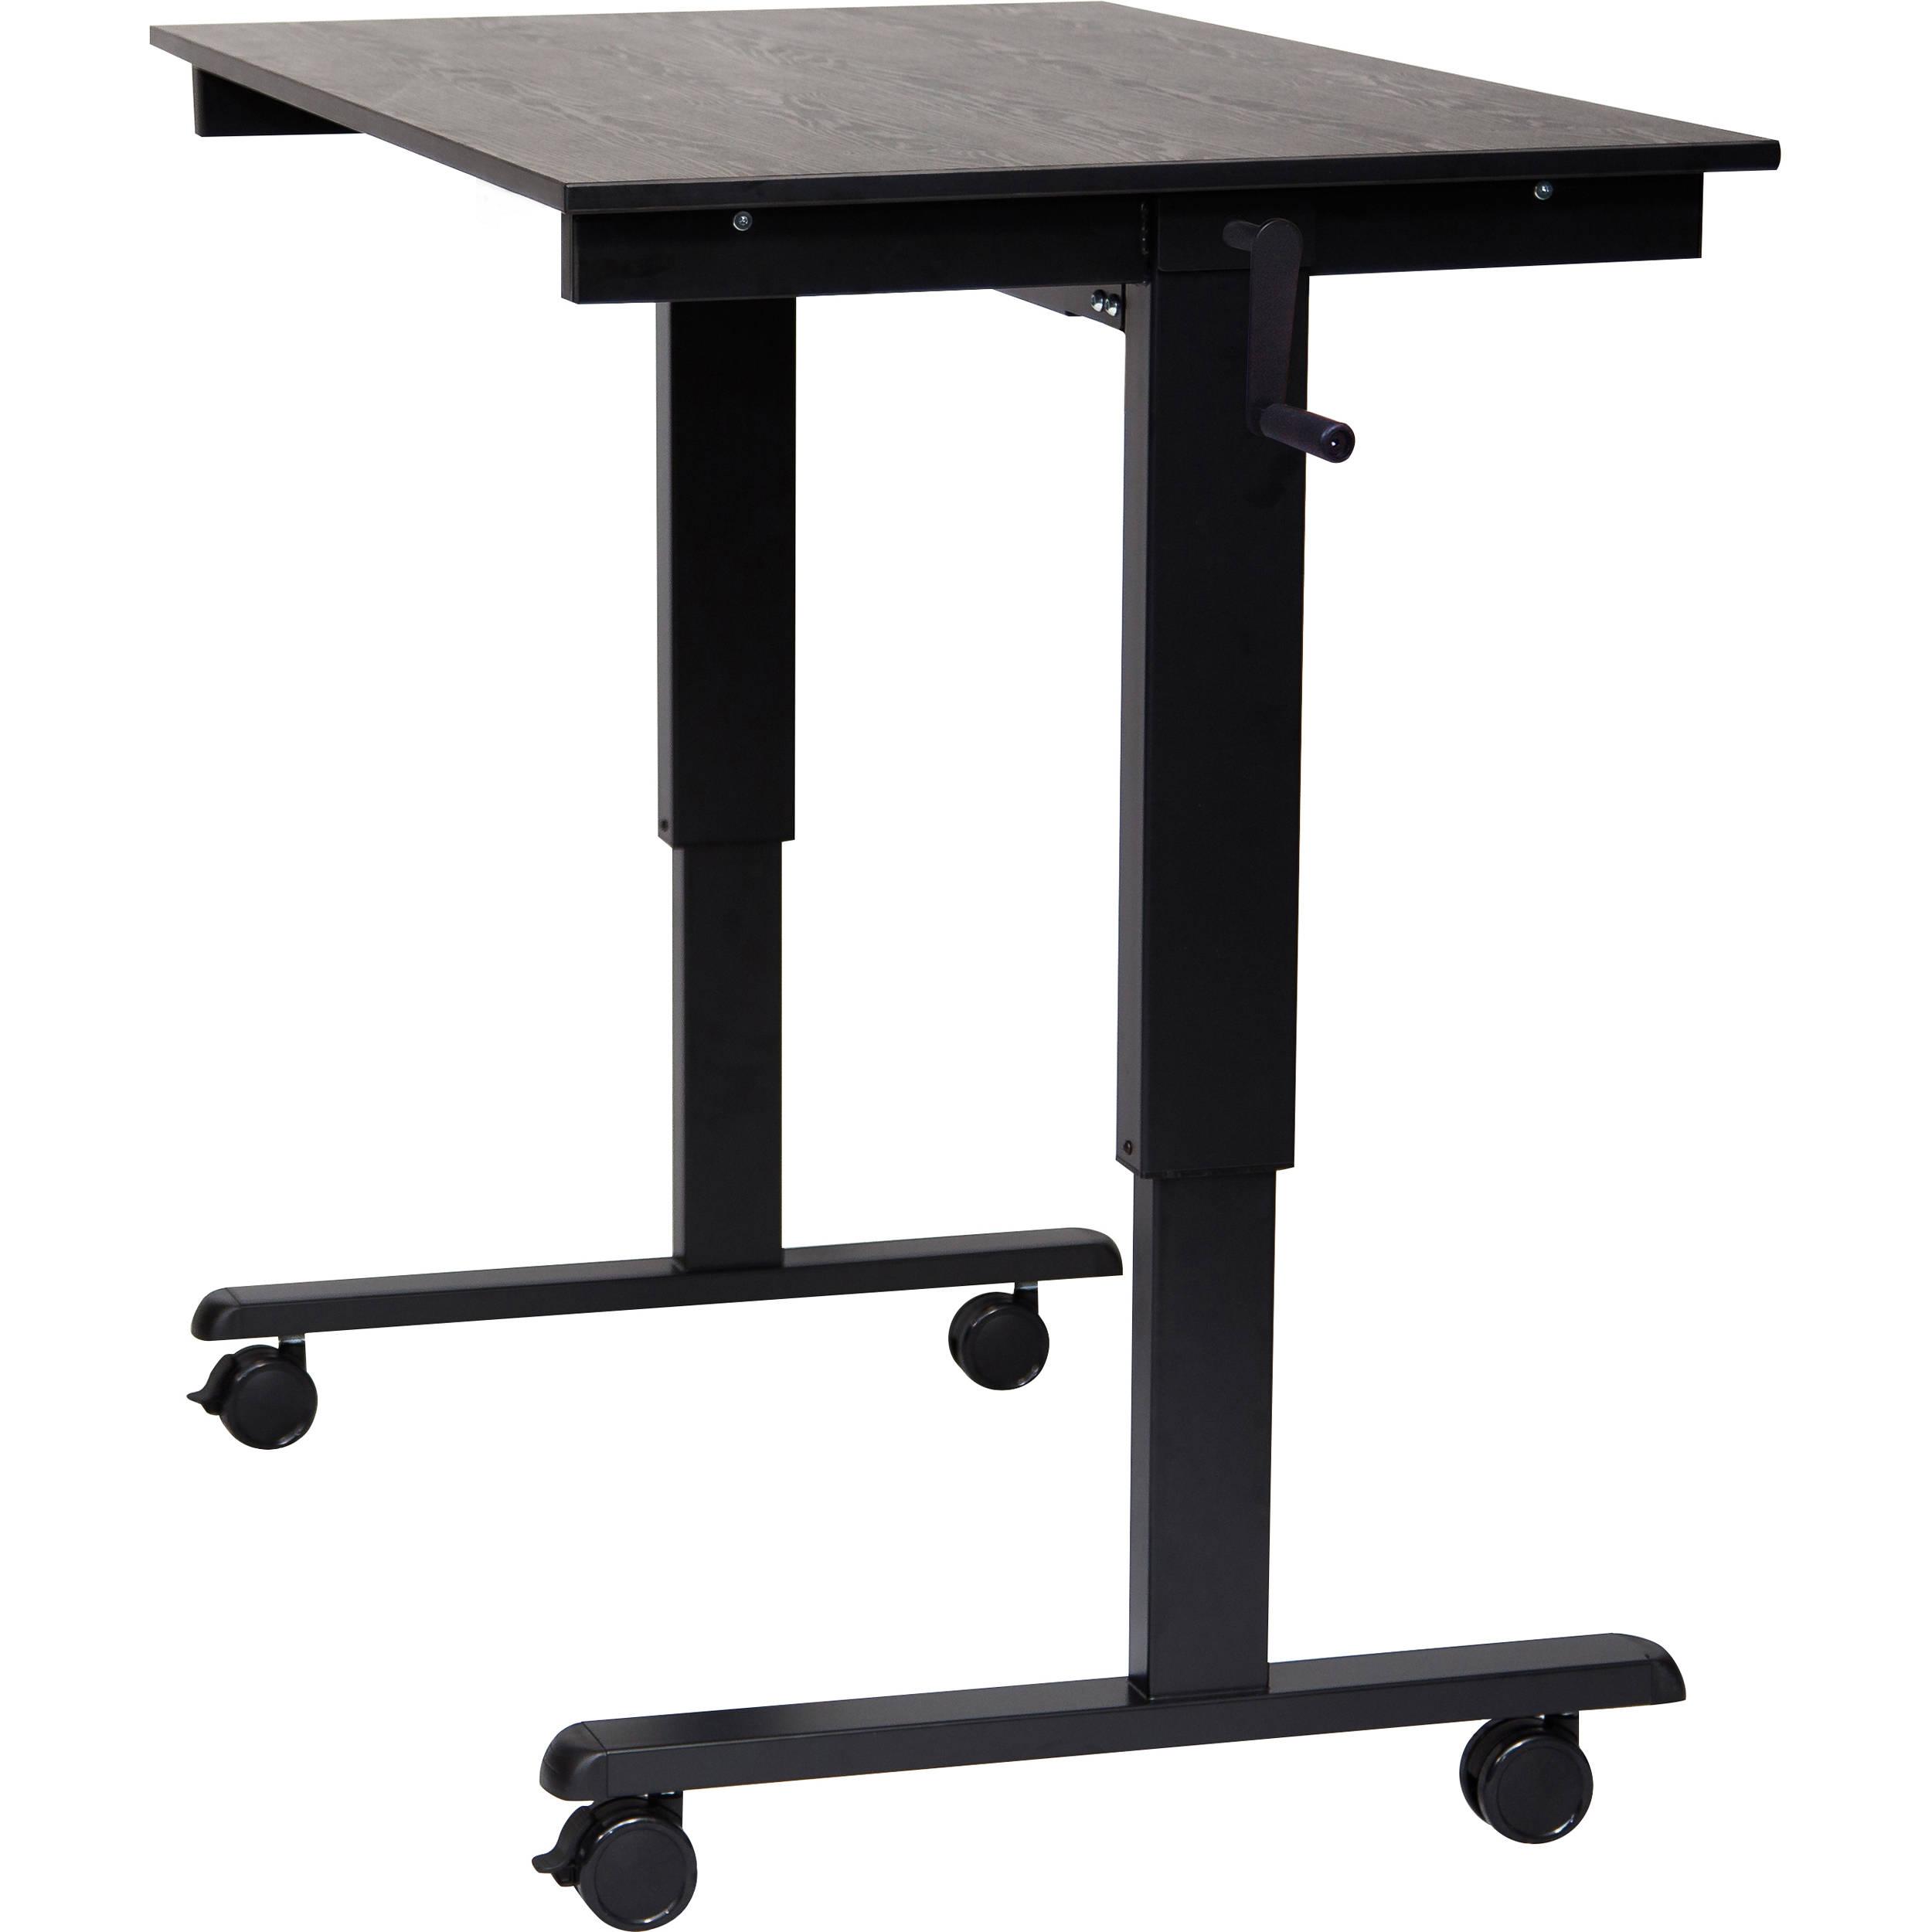 Stand Up Desk >> Luxor 48 Crank Adjustable Stand Up Desk